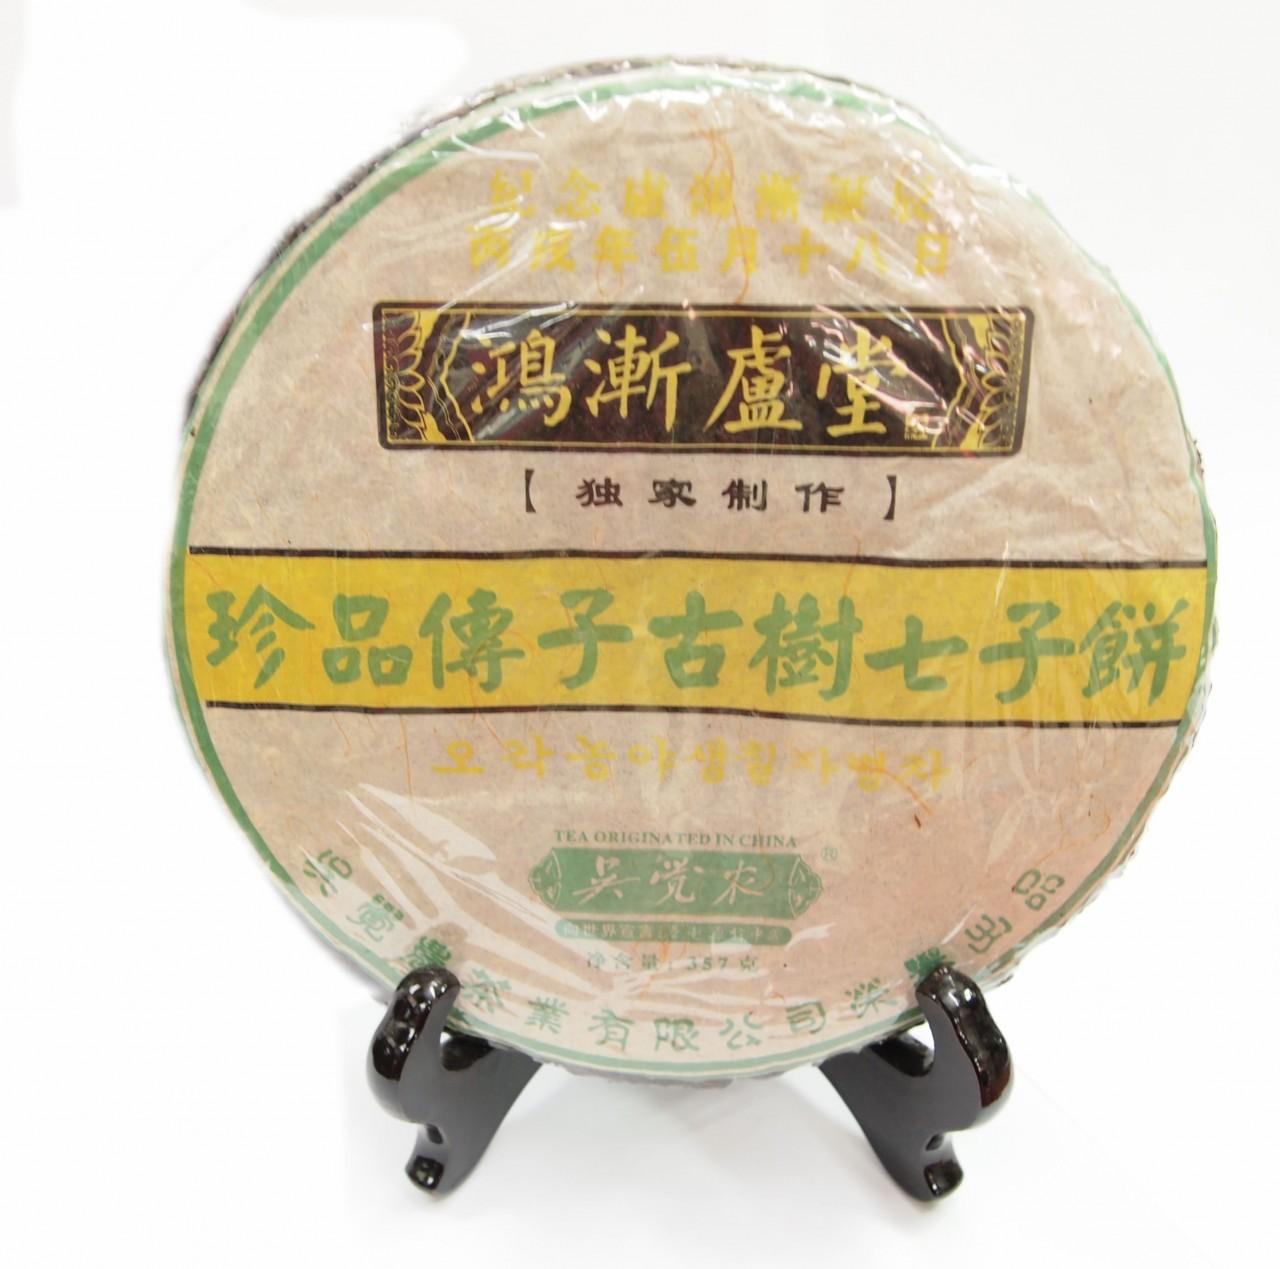 吳覺農茶葉特色